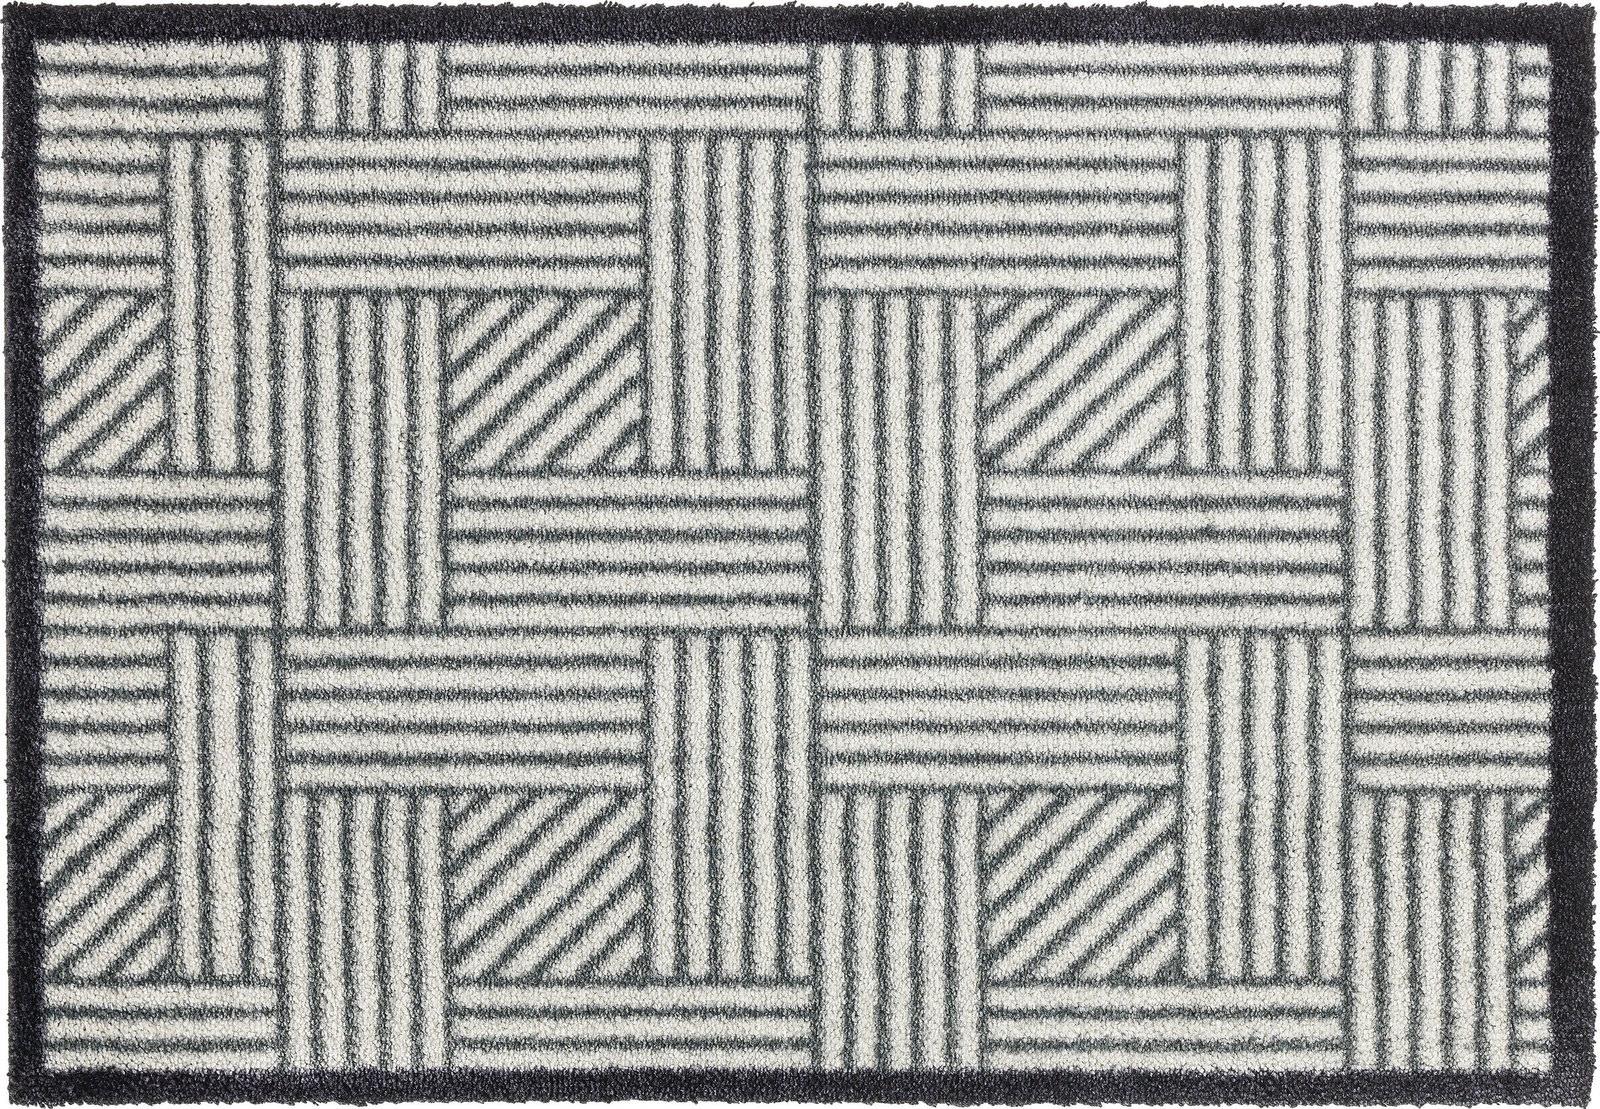 Schöner Wohnen Schöner Wohnen Fußmatte Grau Online Entdecken